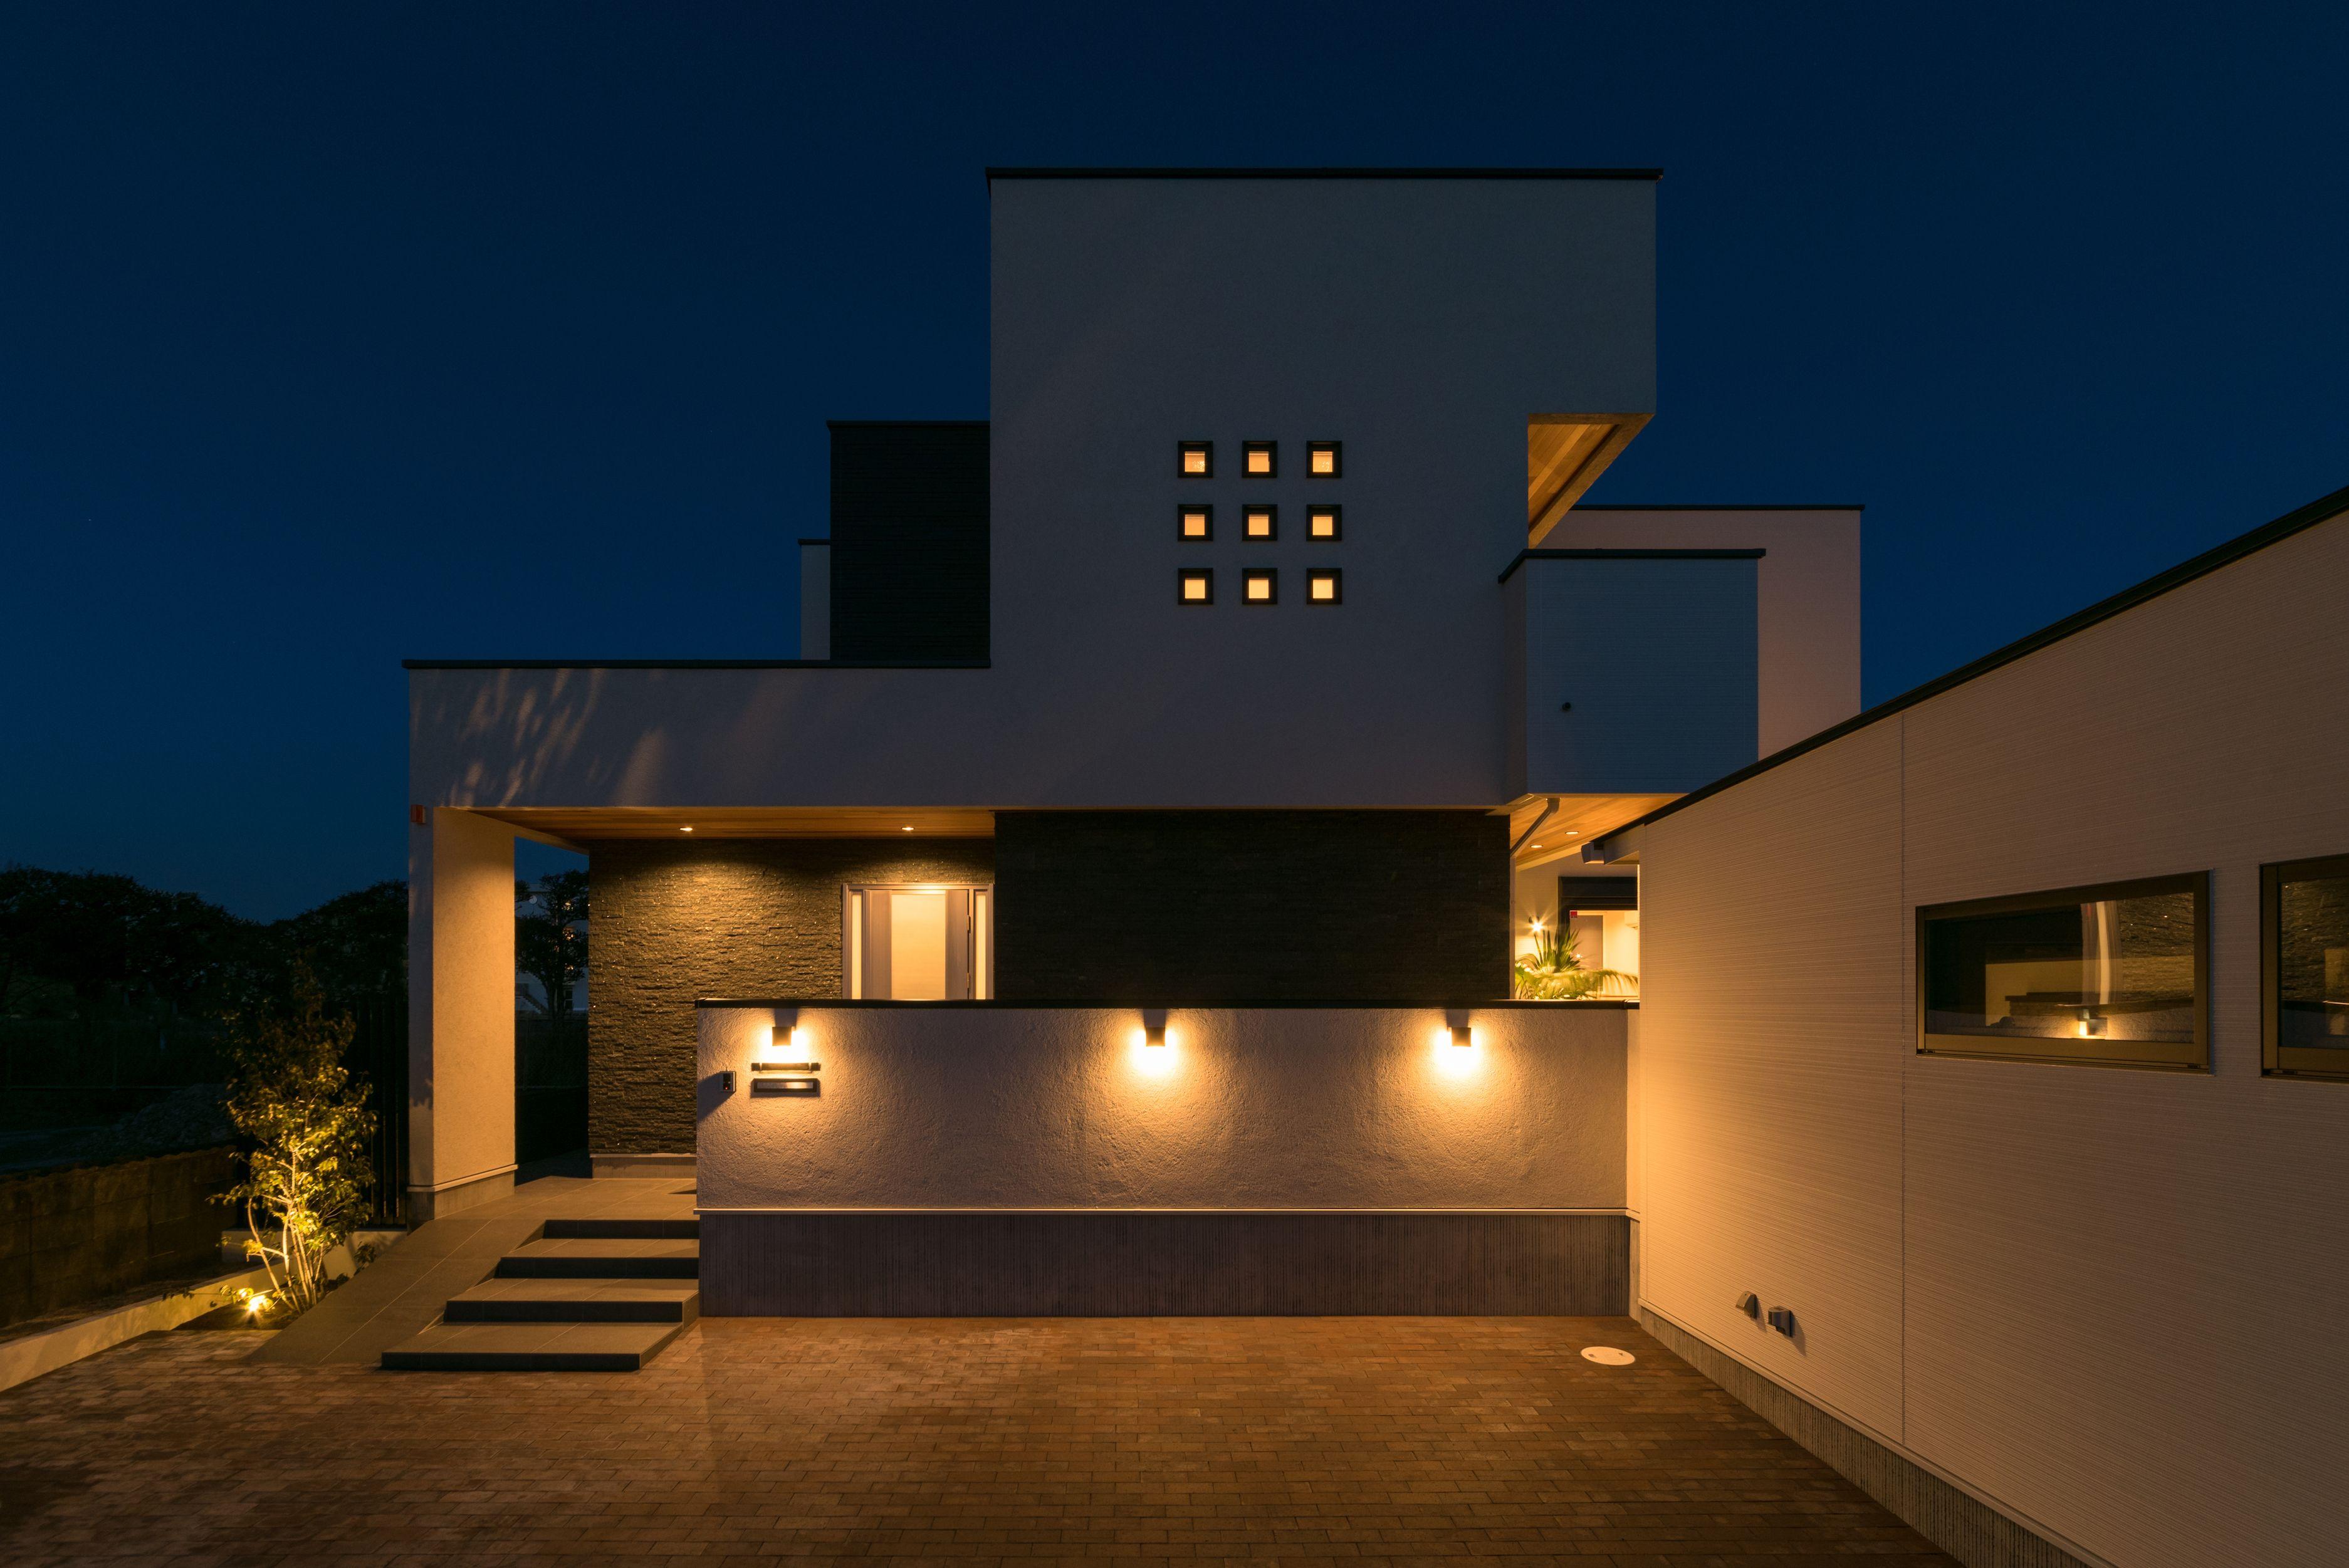 高級感と重厚感のある外観 夜が似合う家 ホームウェア 家 住宅